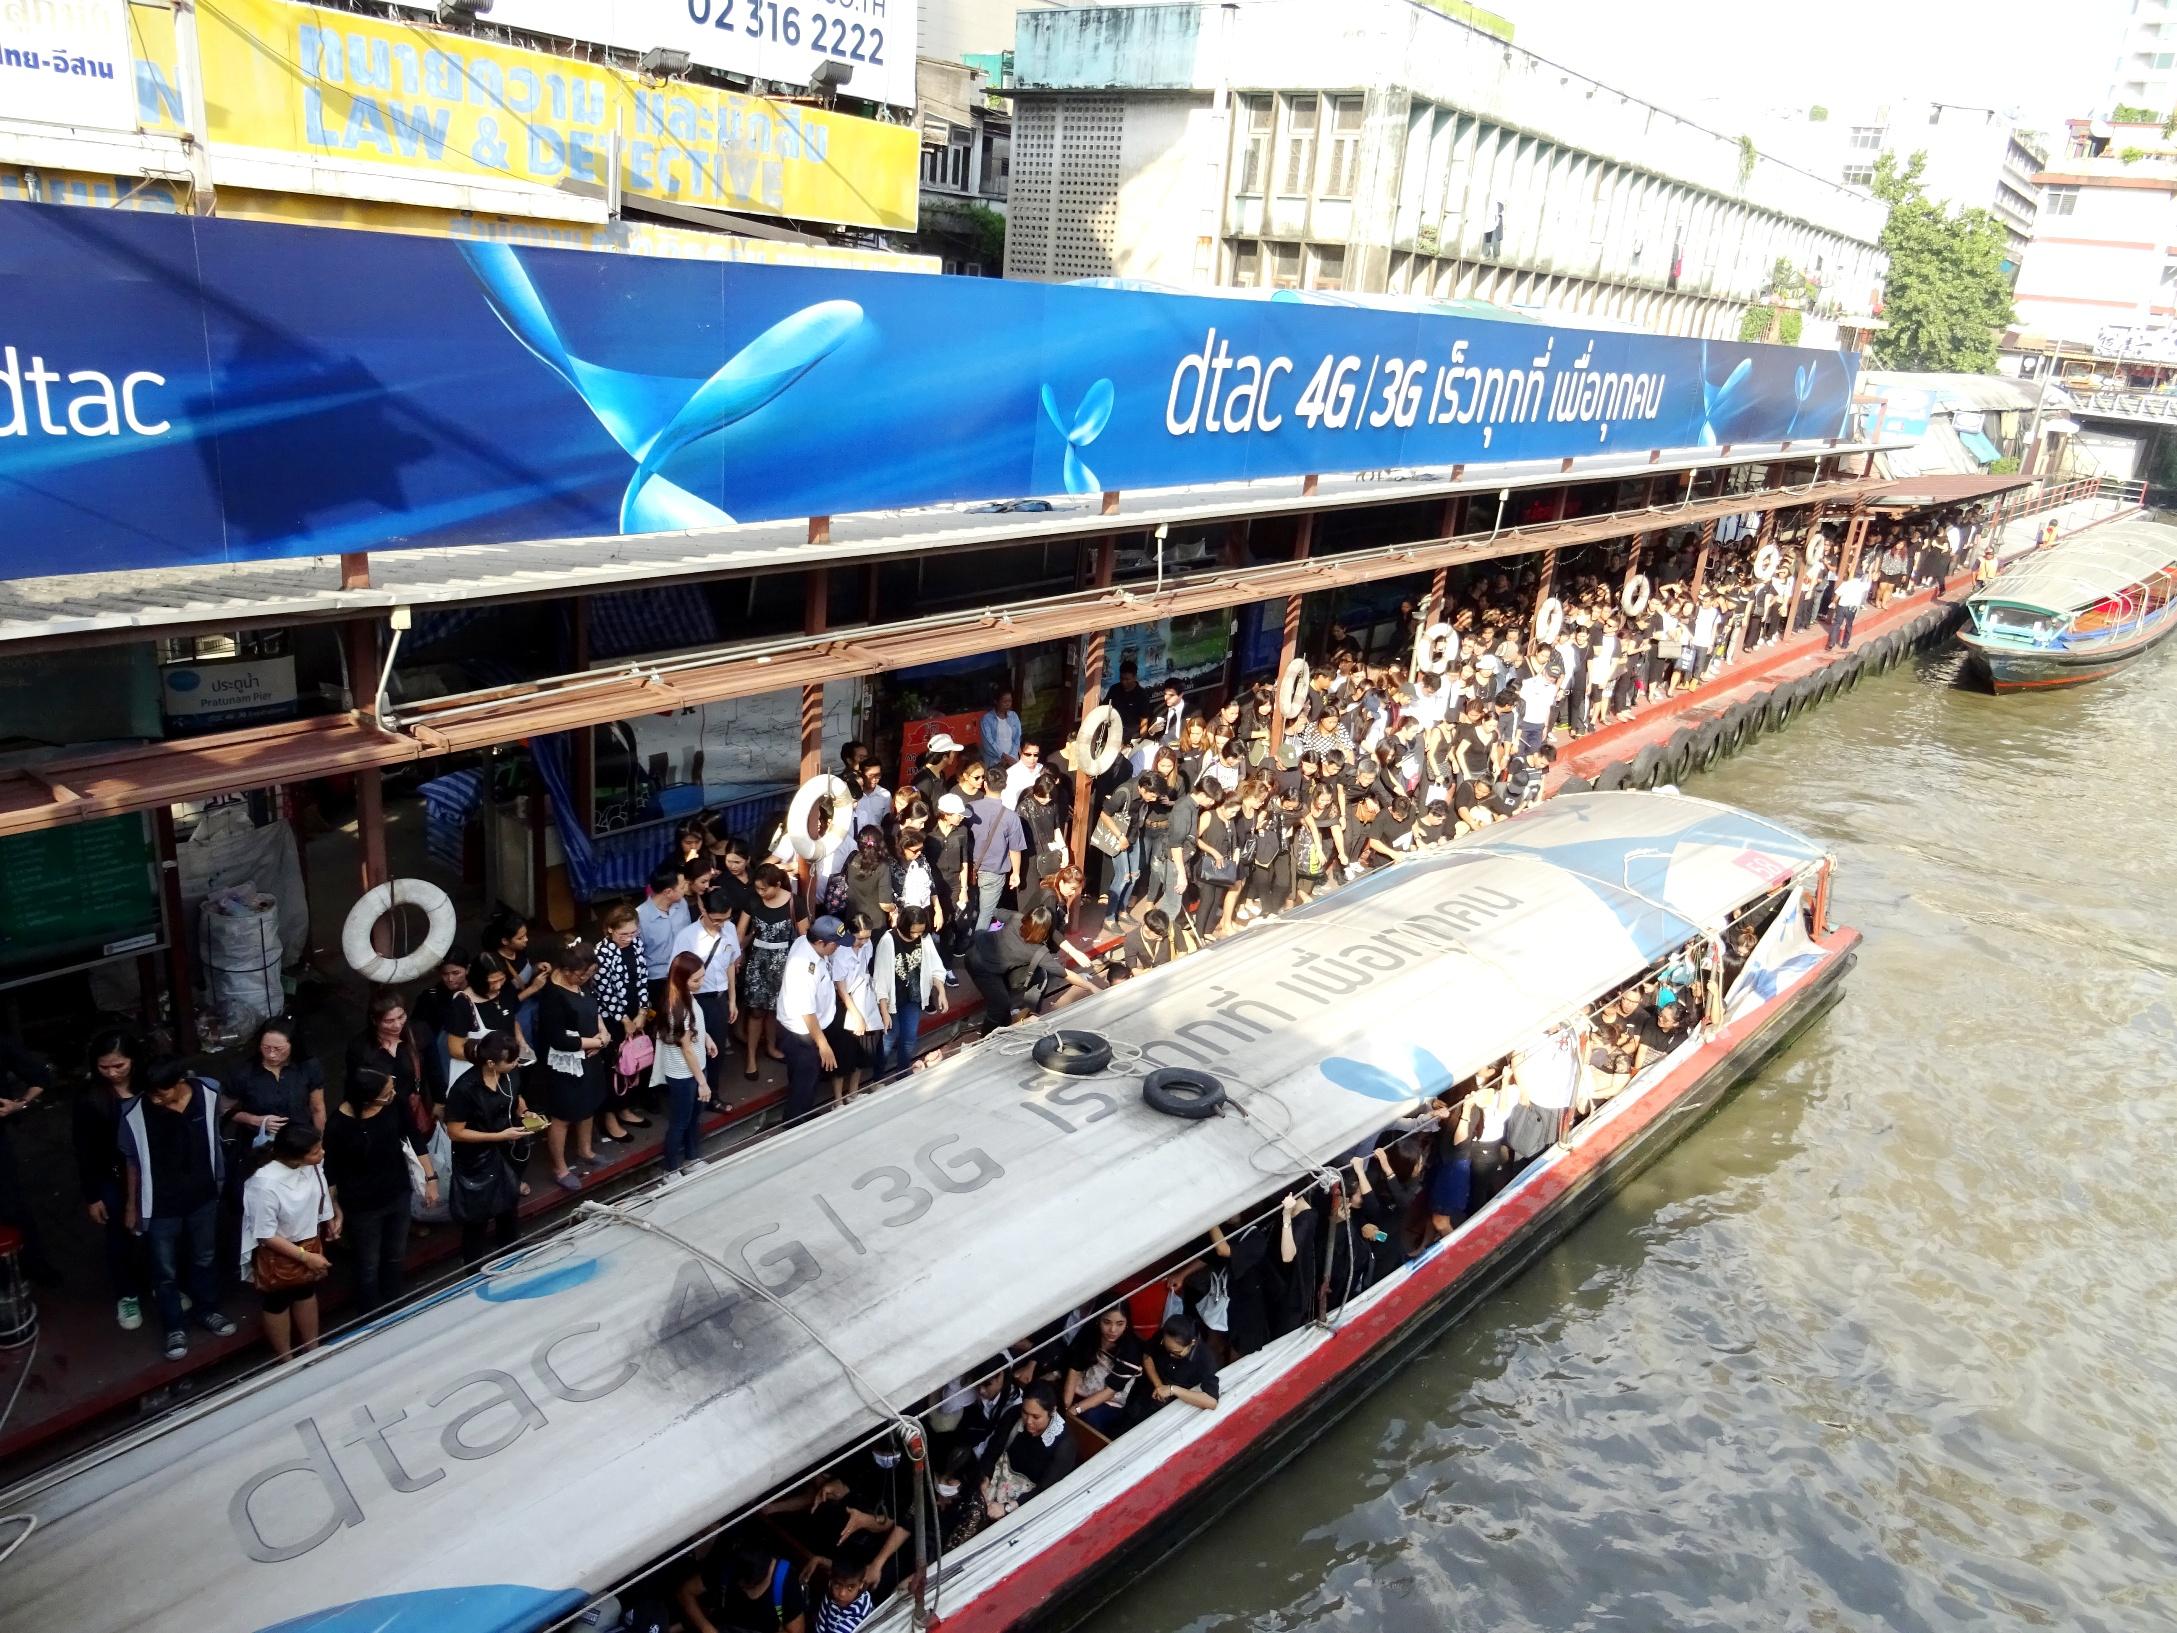 ボートで棺が王宮に移される場に向かう人々